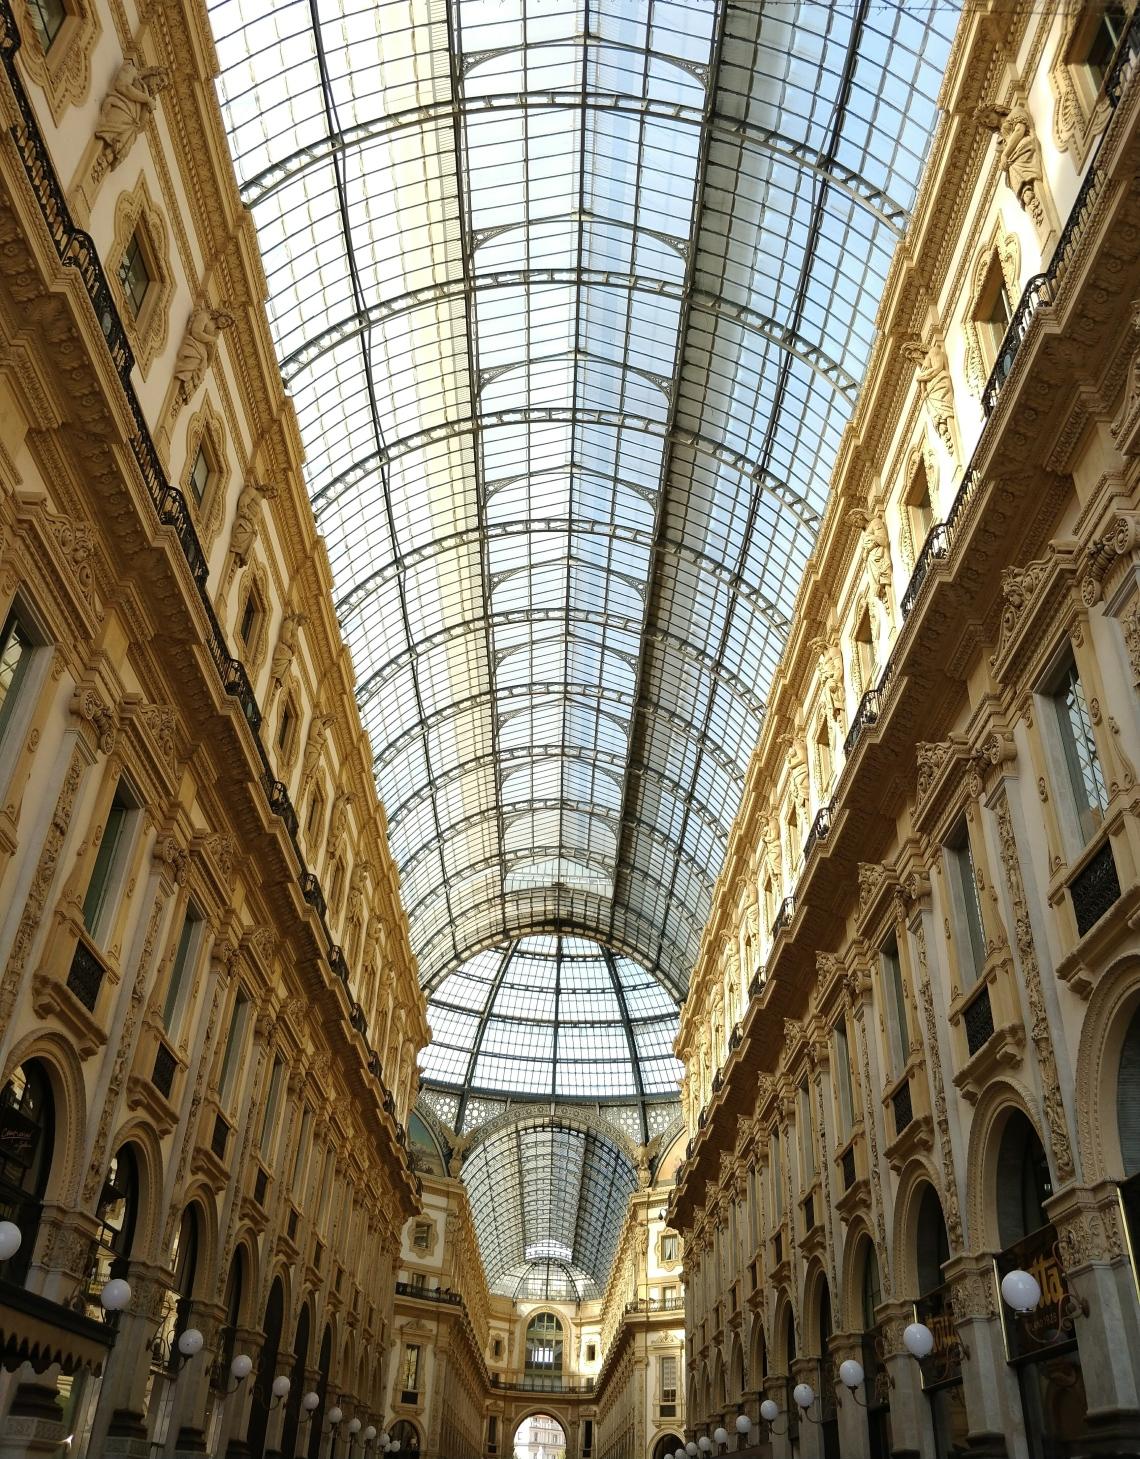 Galleria-Vittorio-Emanuele-II